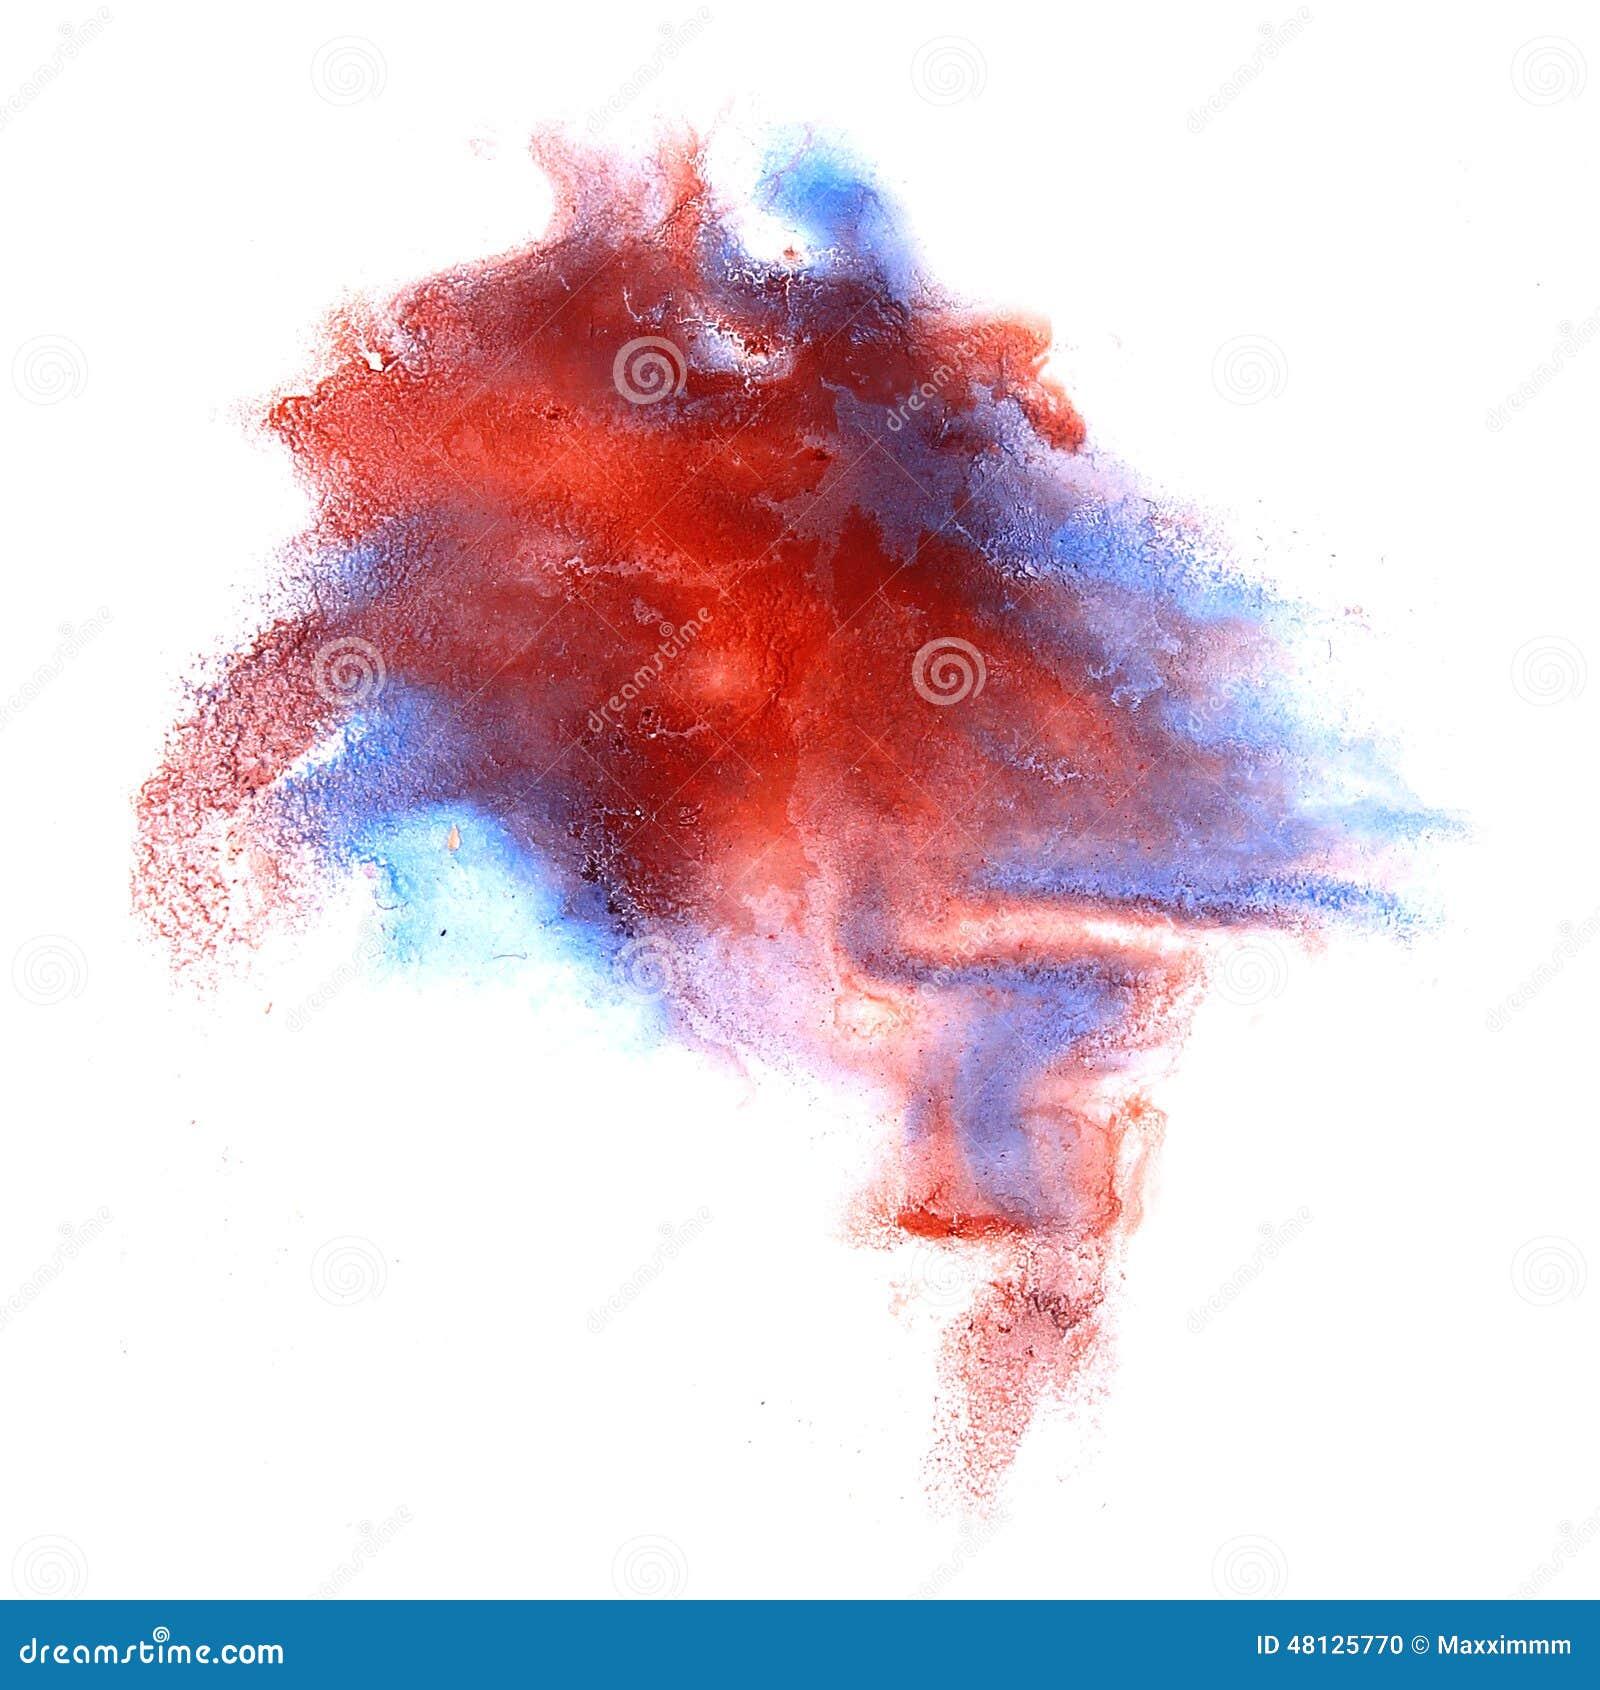 红色墨水污点水彩一滴斑点刷子图片